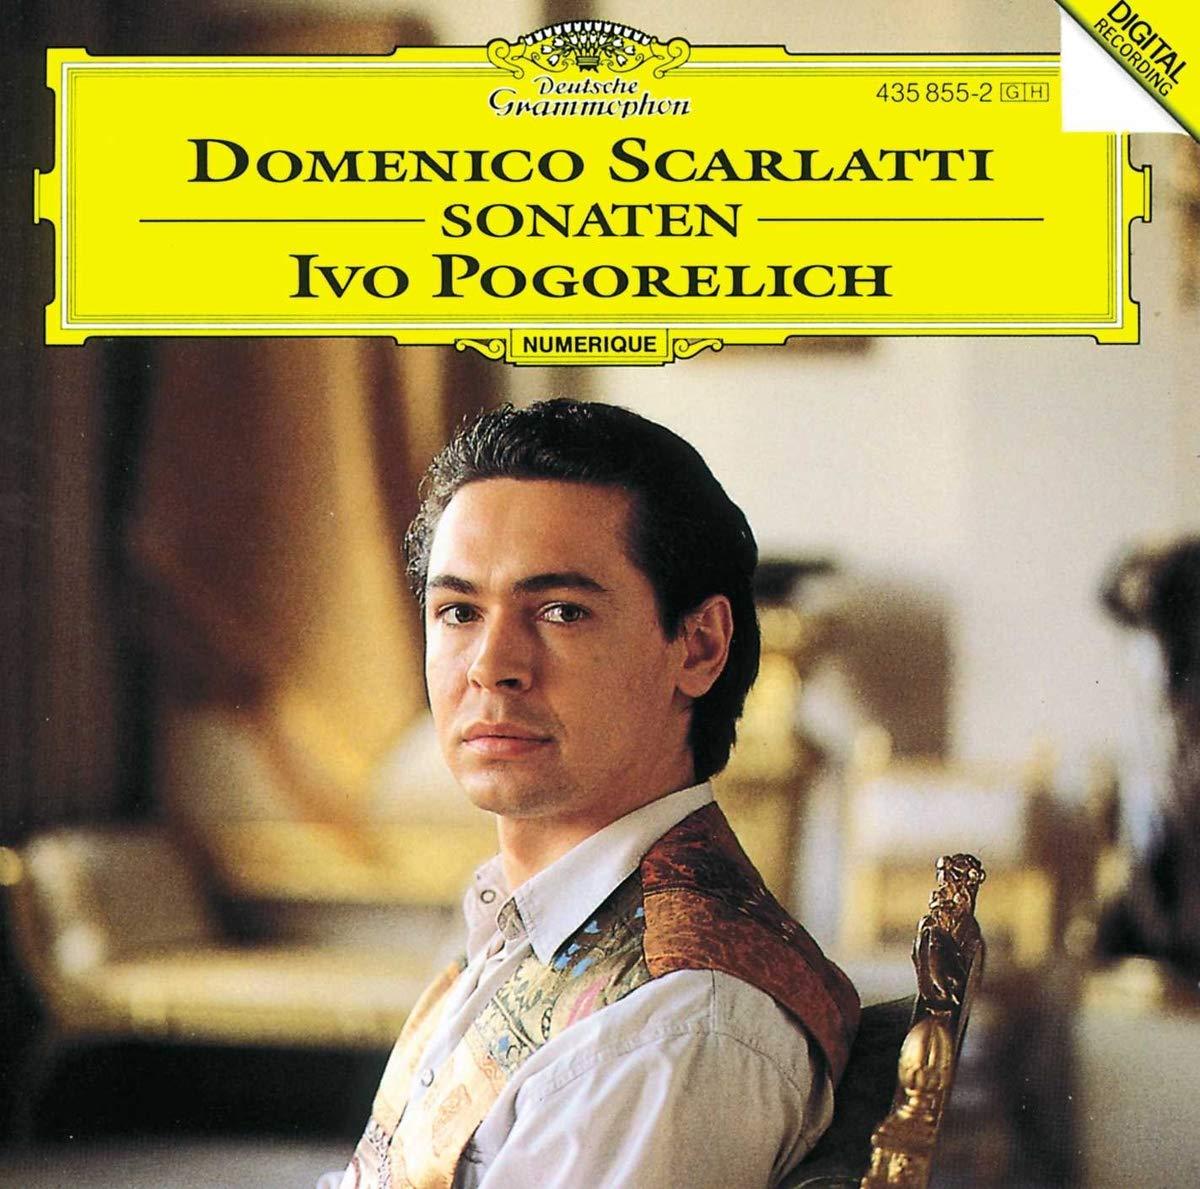 Ivo Pogorelich Piano Scarlatti Giuseppe Domenico Composer Scarlatti D Sonatas Amazon Com Music